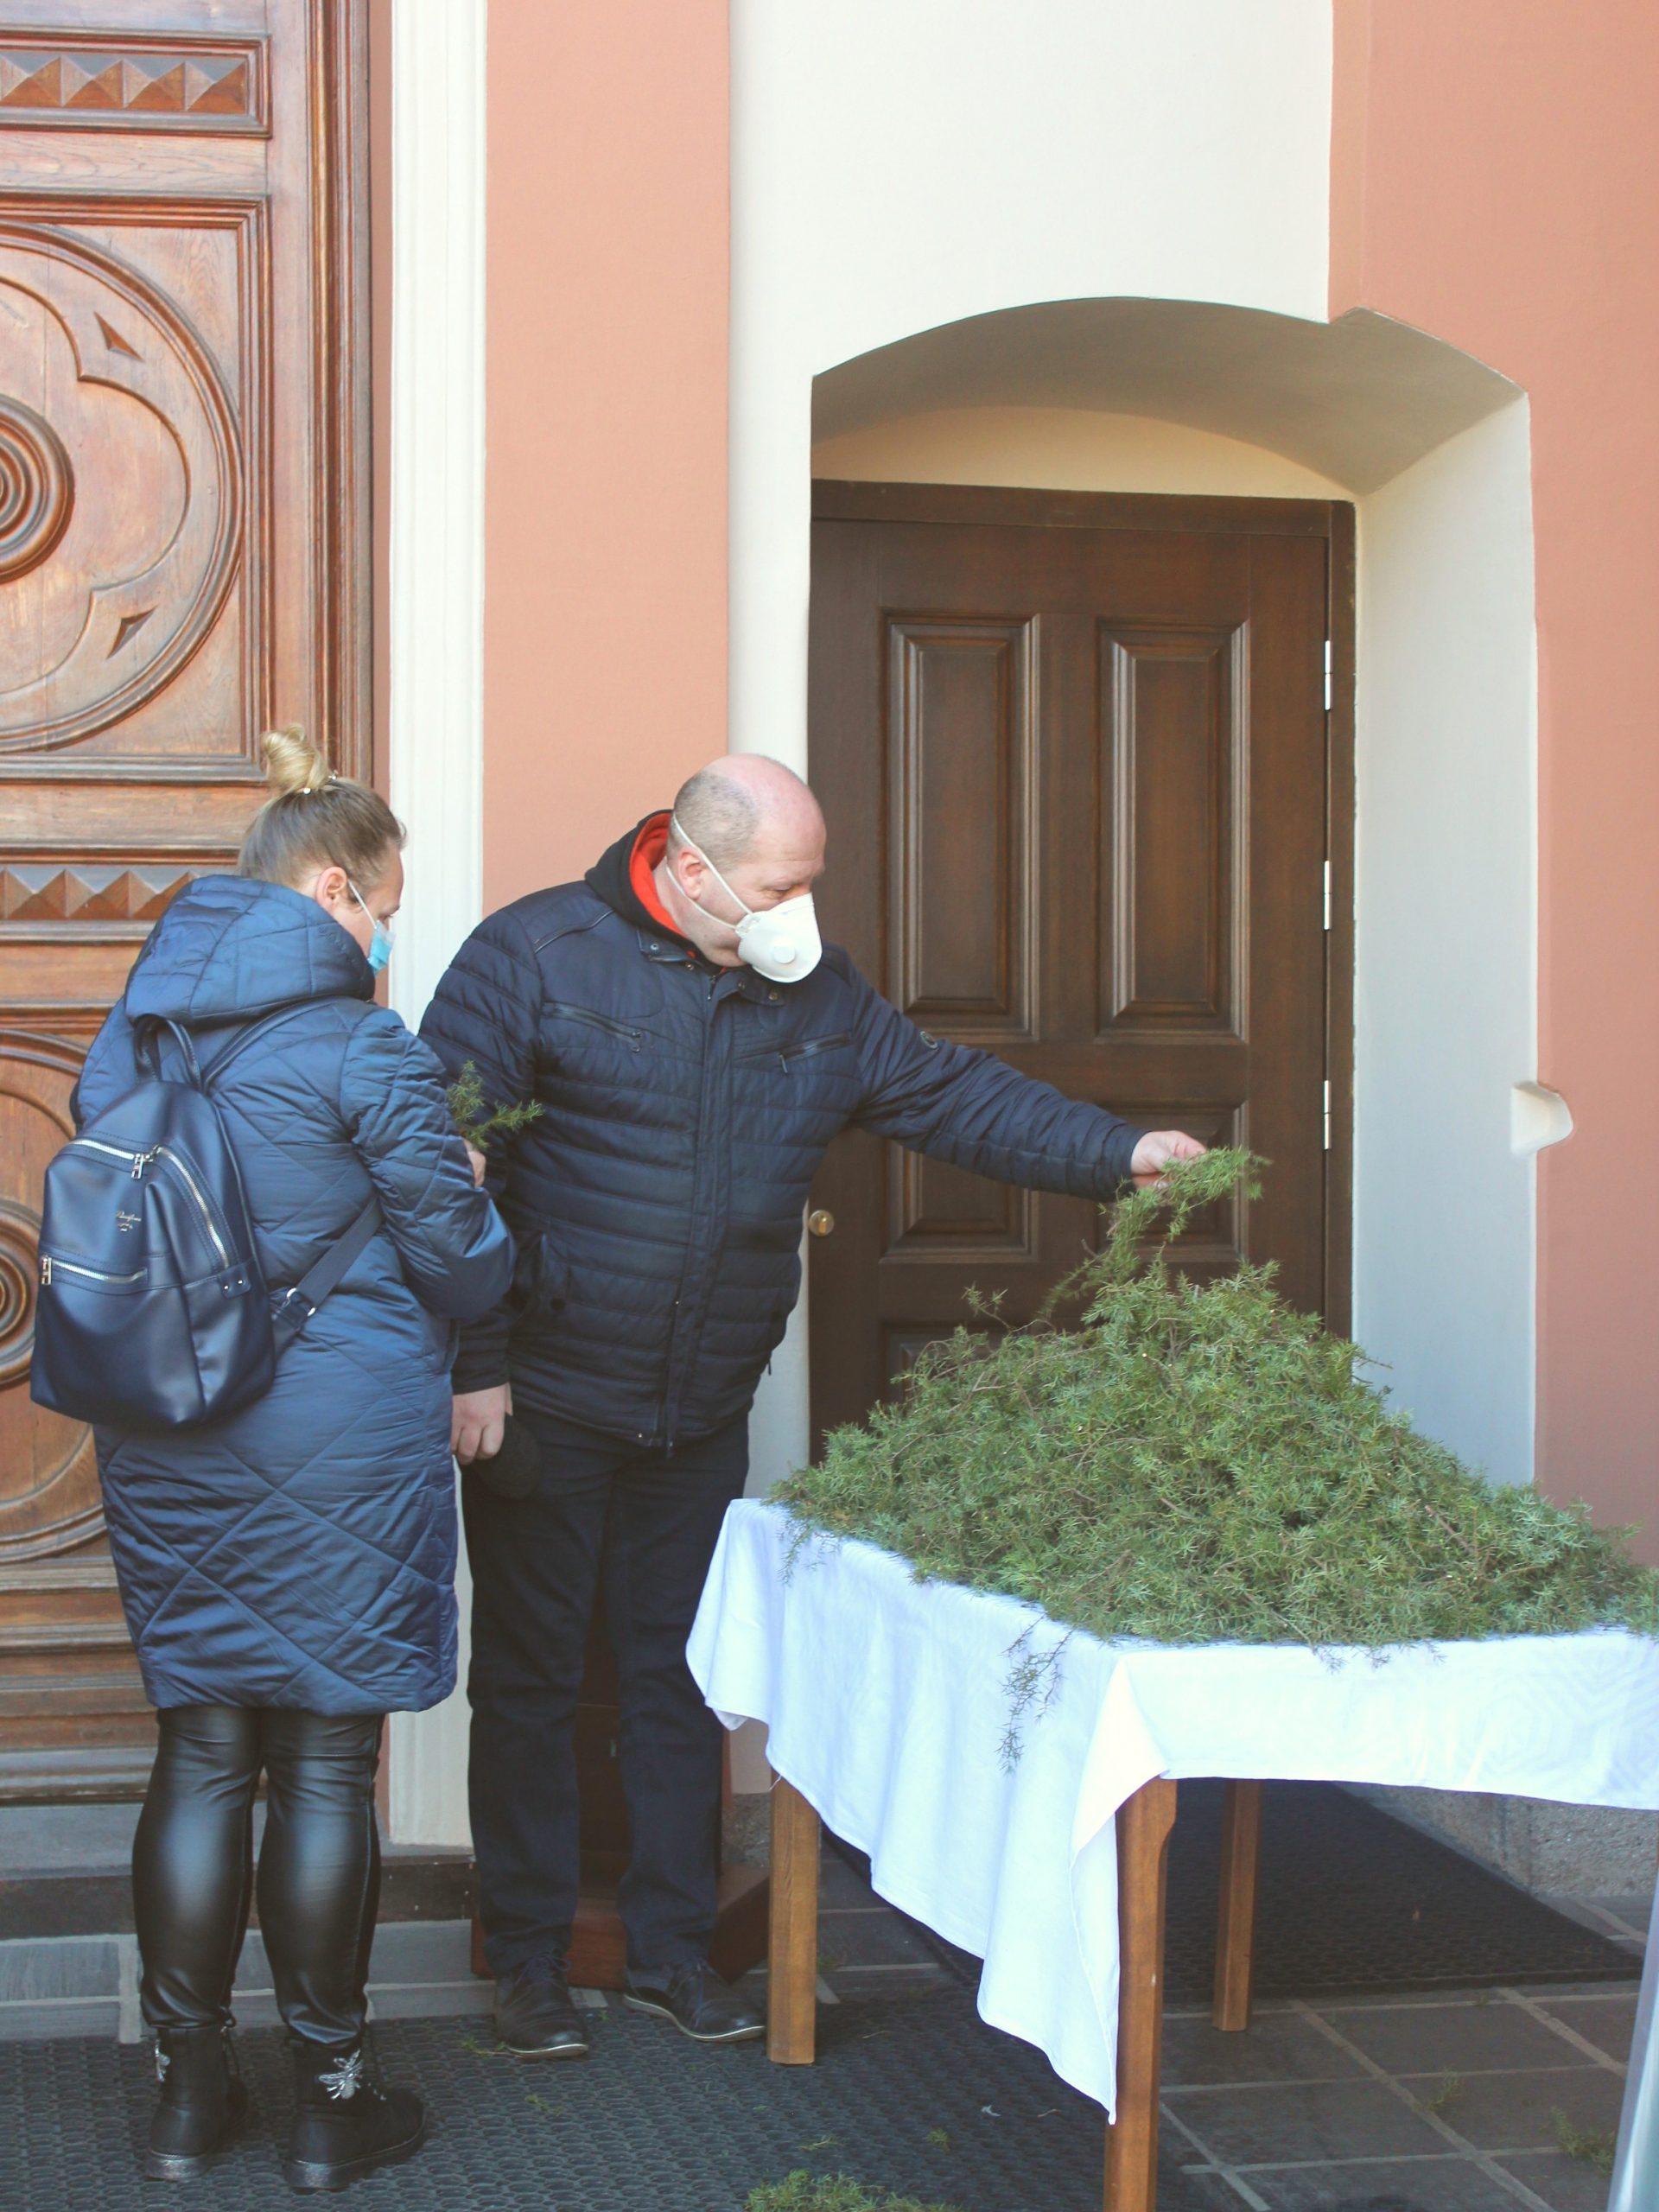 Verbų Sekmadienis - Pašventintos verbos prie bažnyčis durų